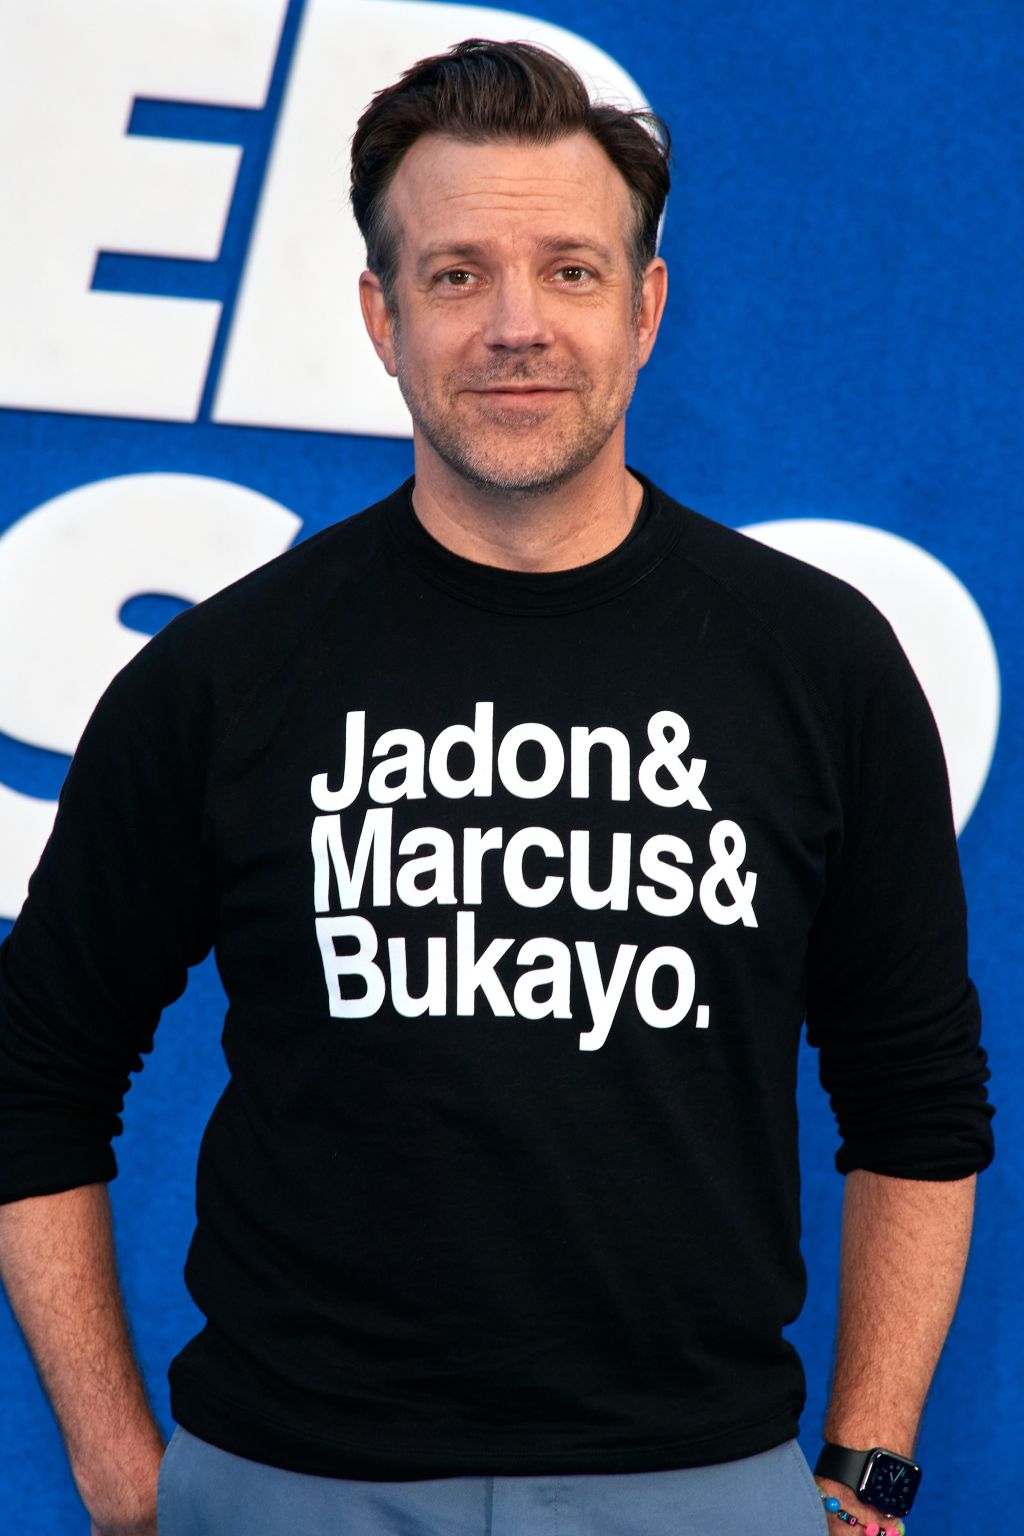 Jason Sudeikis